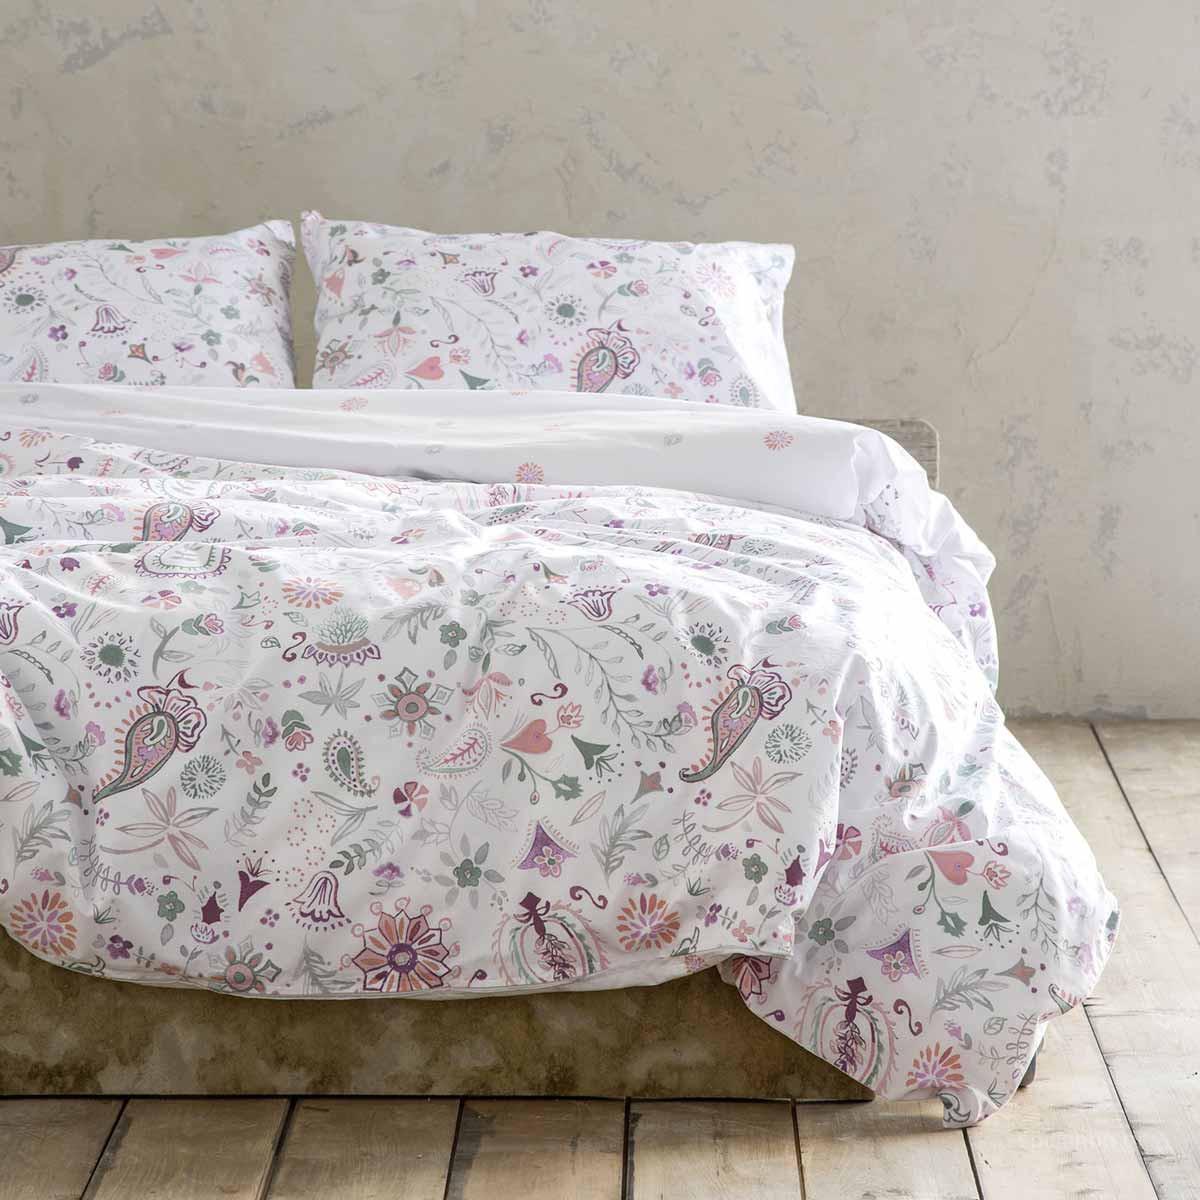 Σεντόνια Υπέρδιπλα (Σετ) Nima Bed Linen Desire Pink